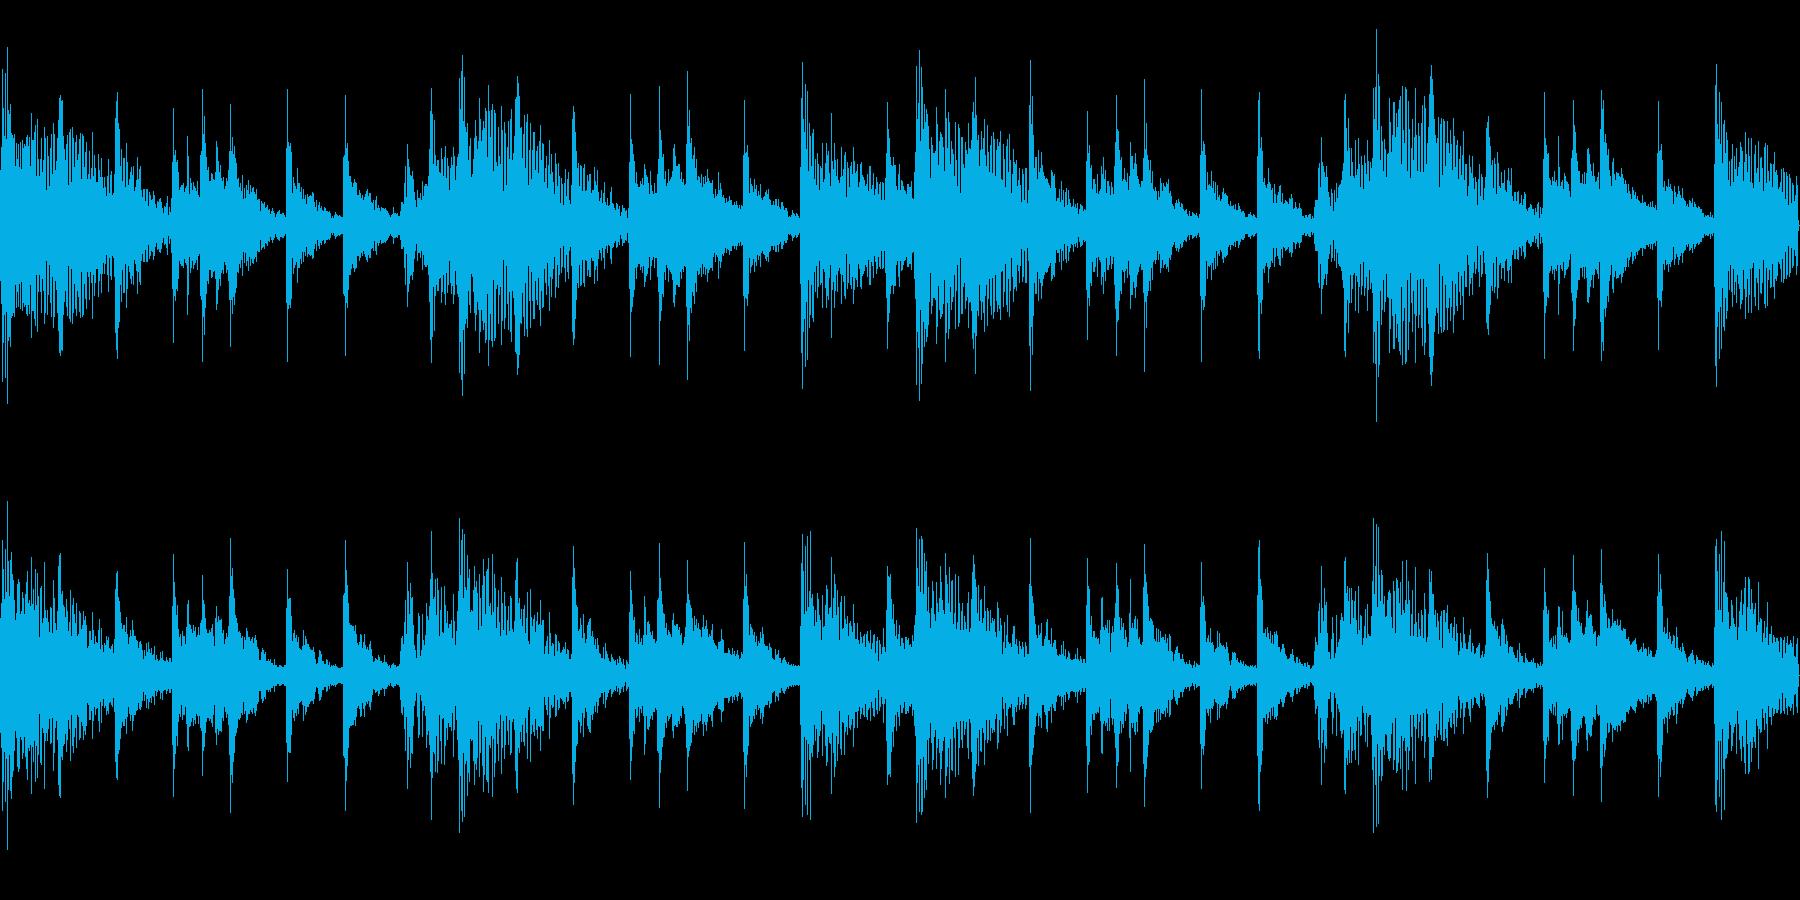 マーチングバンドの行進の再生済みの波形